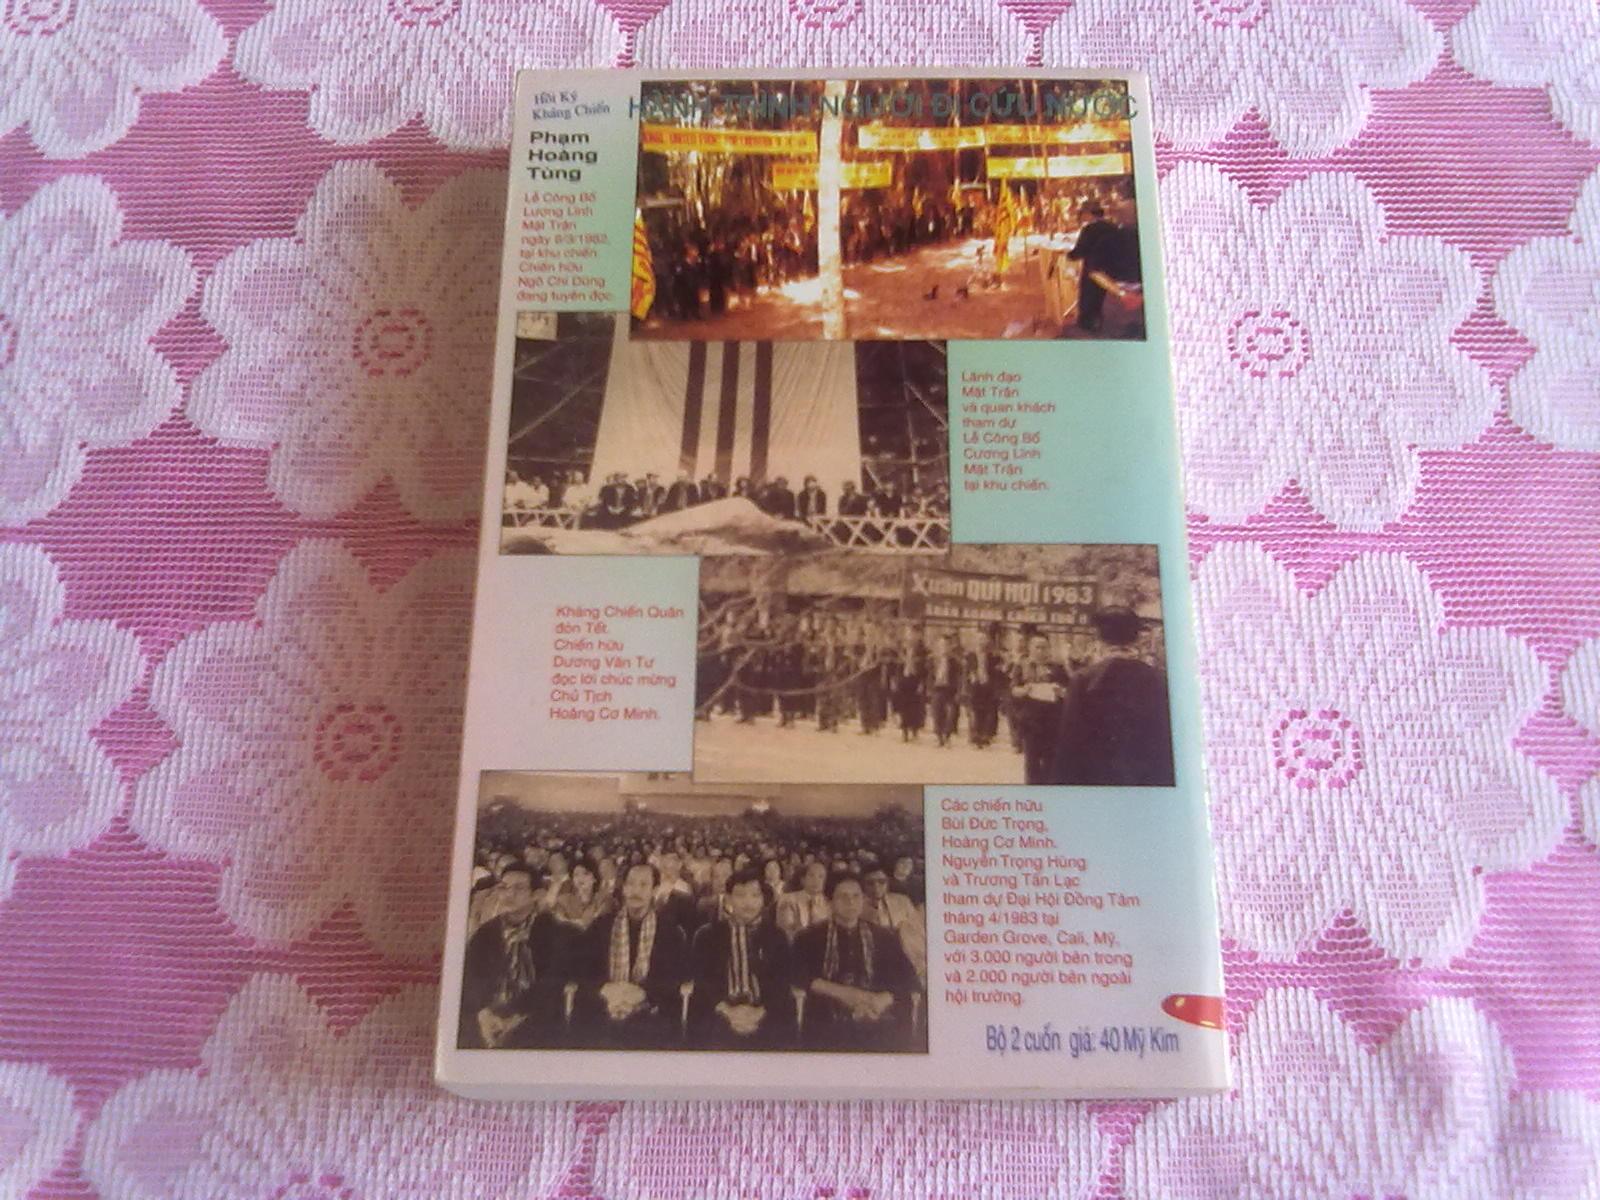 Hình Bìa Sau Quyển 1 & Hồi Ký Hành Trình NgườI Đi Cứu Nước